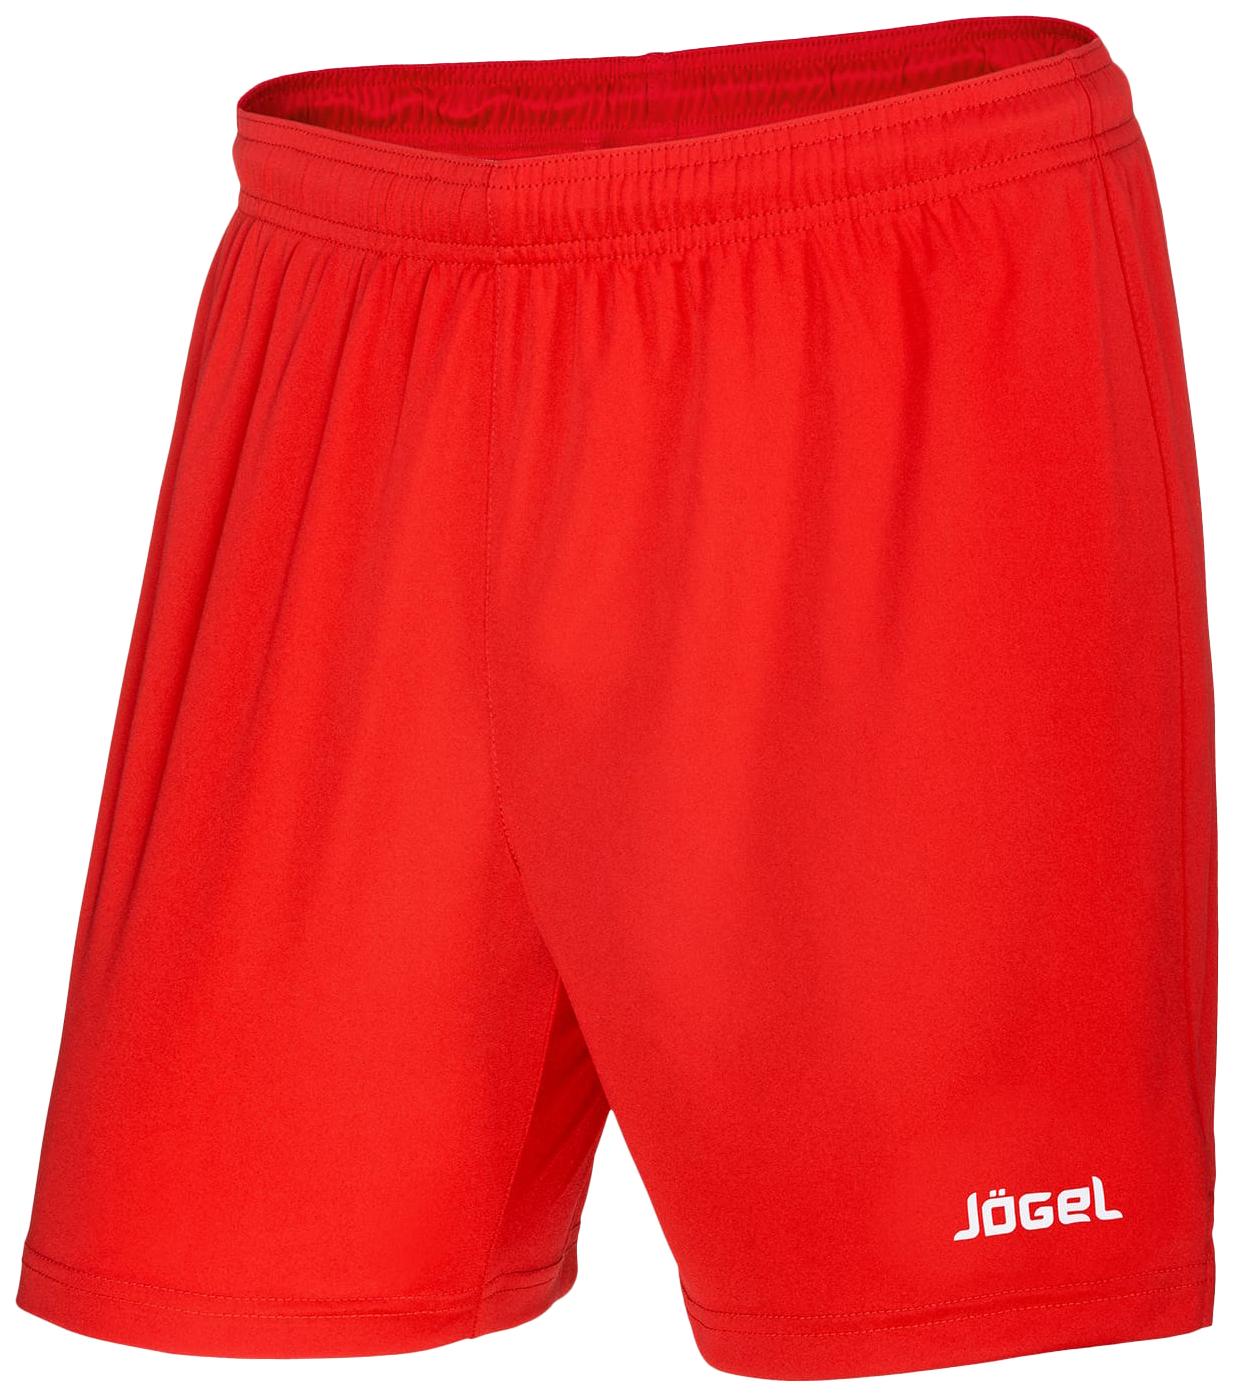 Шорты волейбольные детские Jogel красные JVS 1130